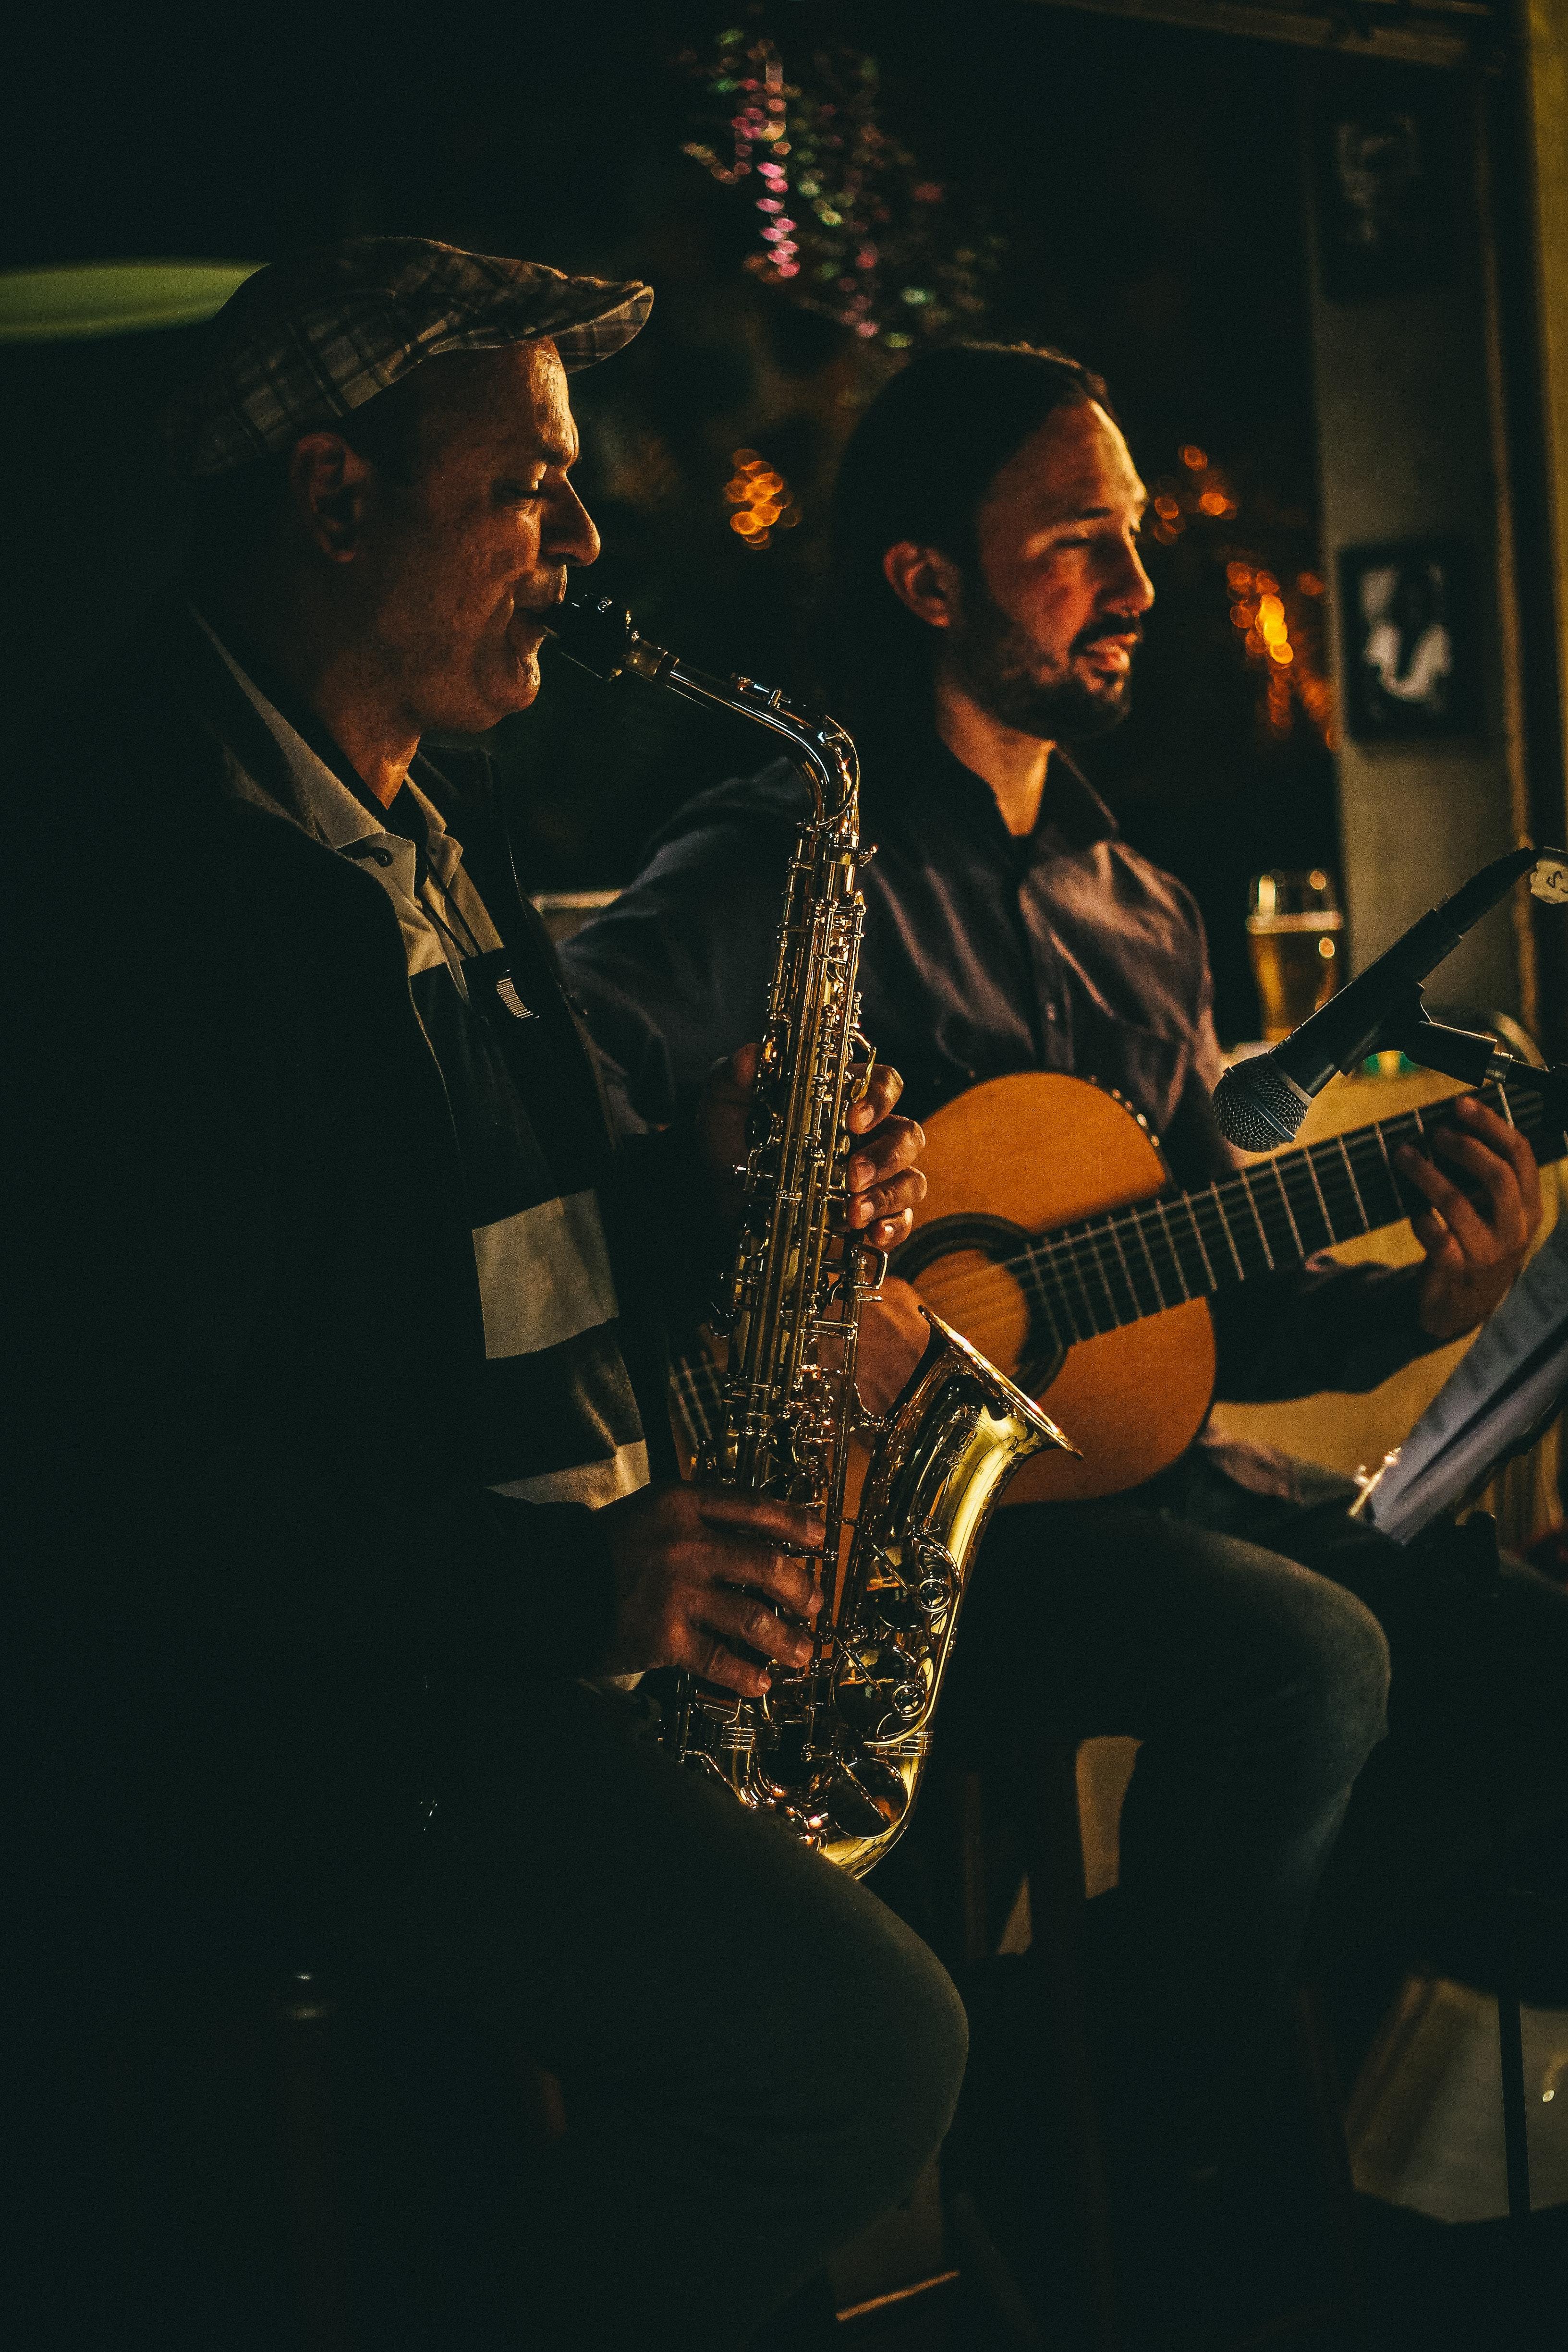 To menn i et jazzband